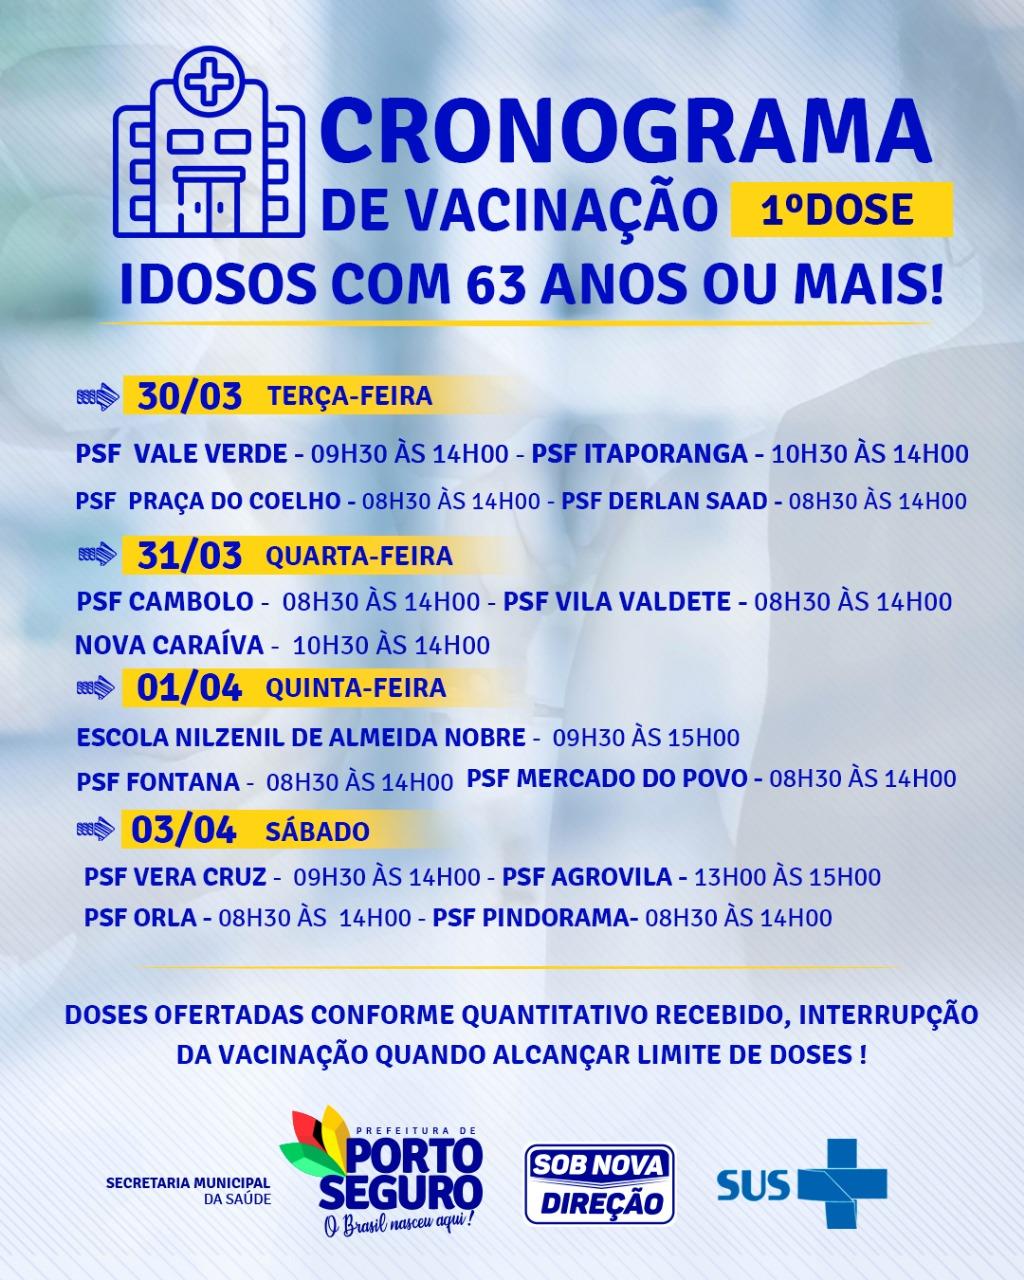 O foco da Terra Mãe do Brasil é vacinar idosos com 63 anos ou mais! 21